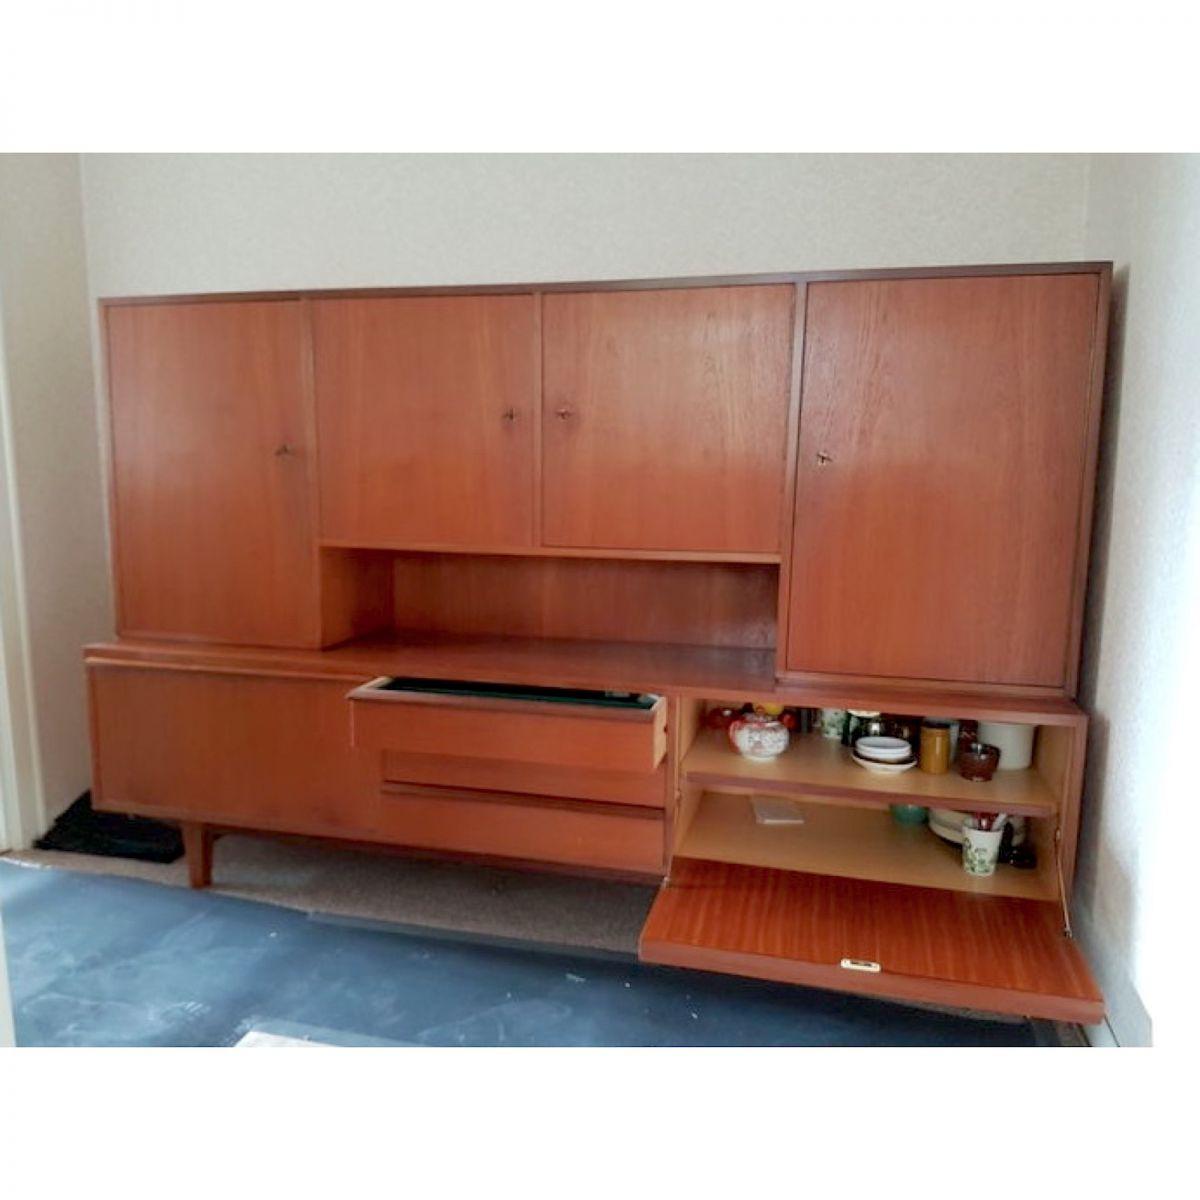 buffet bahut bois 1960 pays bas vintage luckyfind. Black Bedroom Furniture Sets. Home Design Ideas